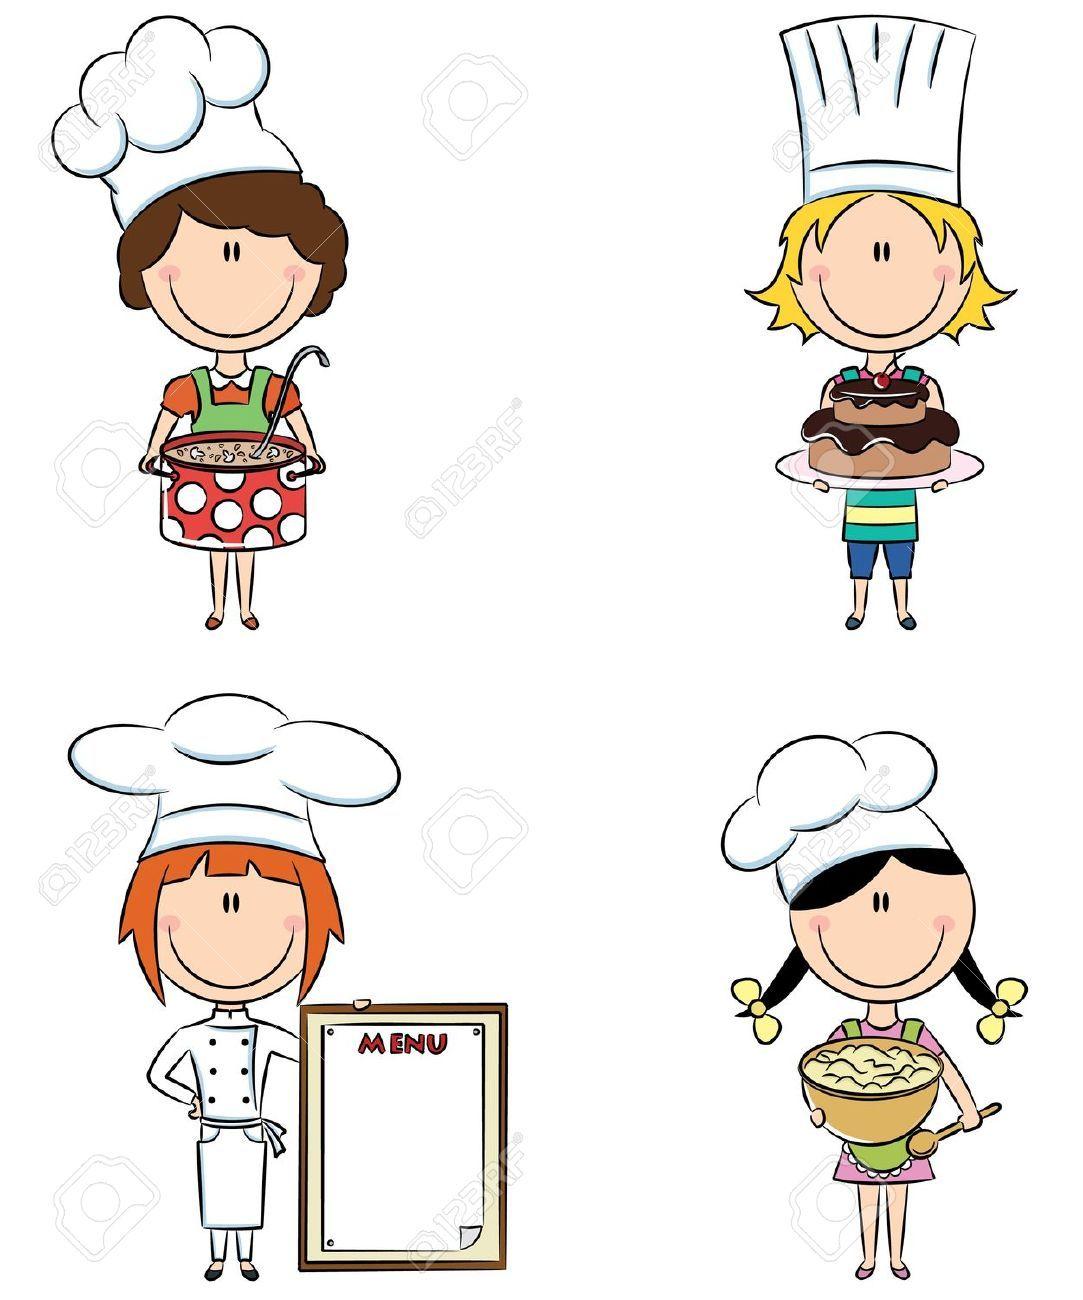 Nina Chef Caricatura Buscar Con Google Chef Caricatura Dibujos De Cocineras Garabatos Lindos